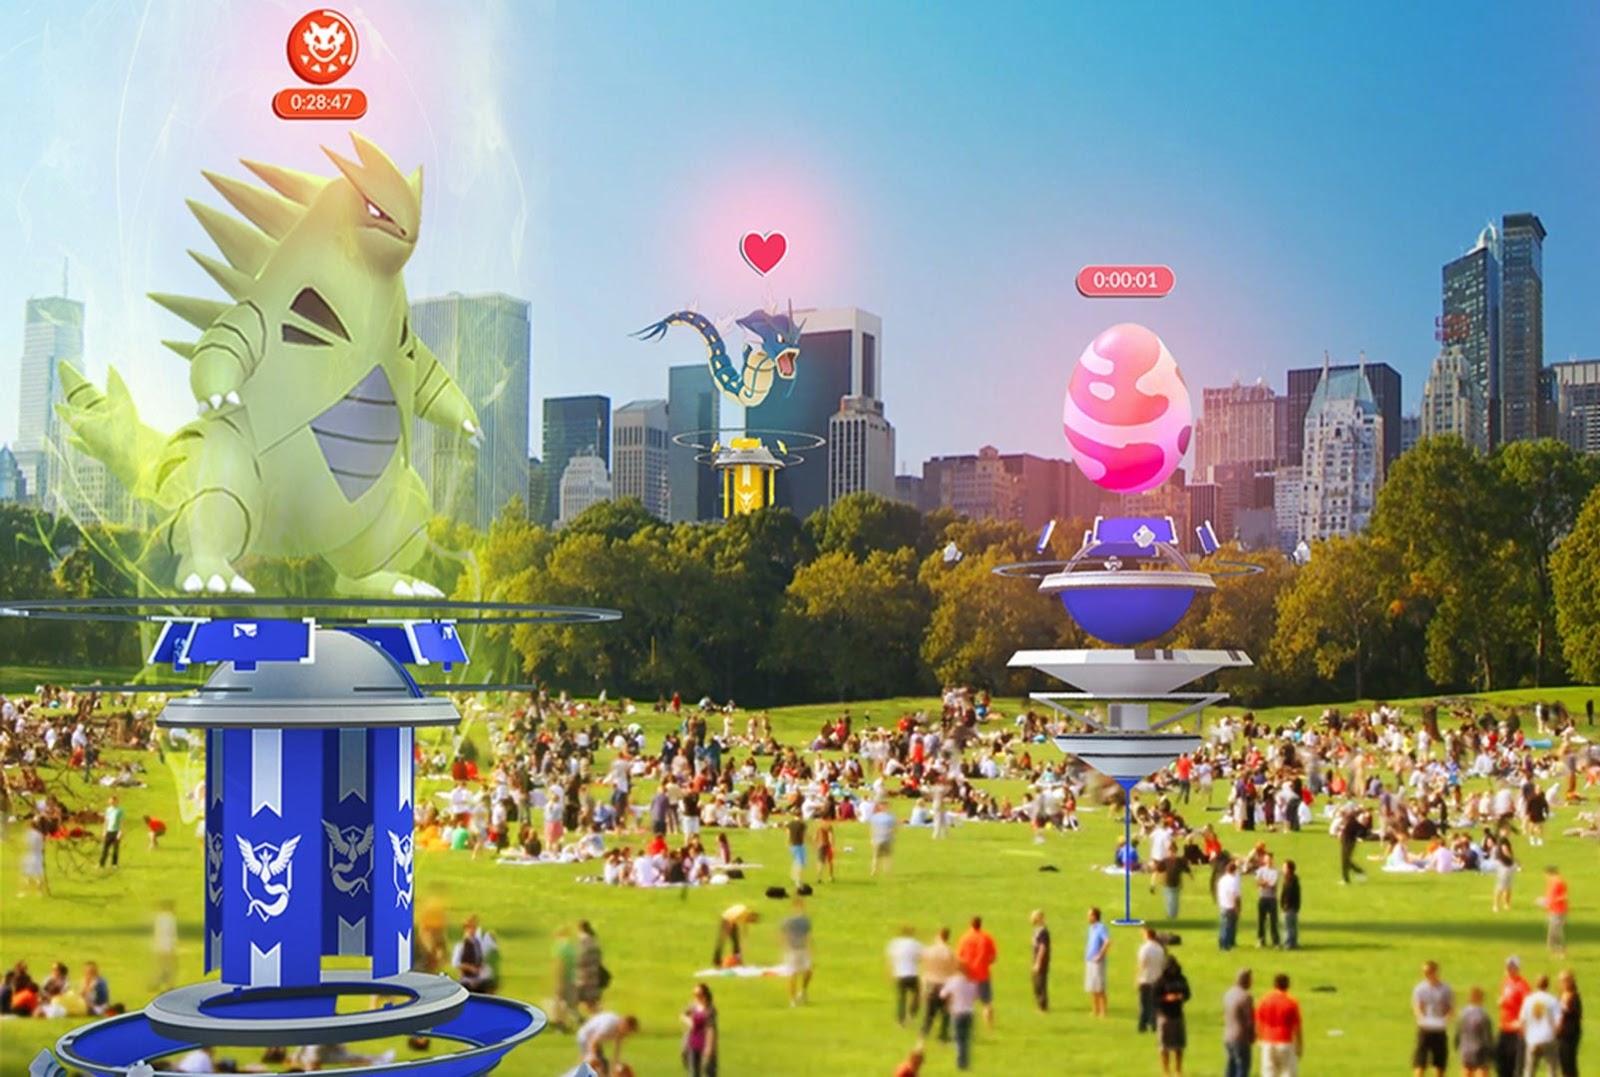 Como Pokémon GO (Mobile) revive o bom e velho multiplayer local